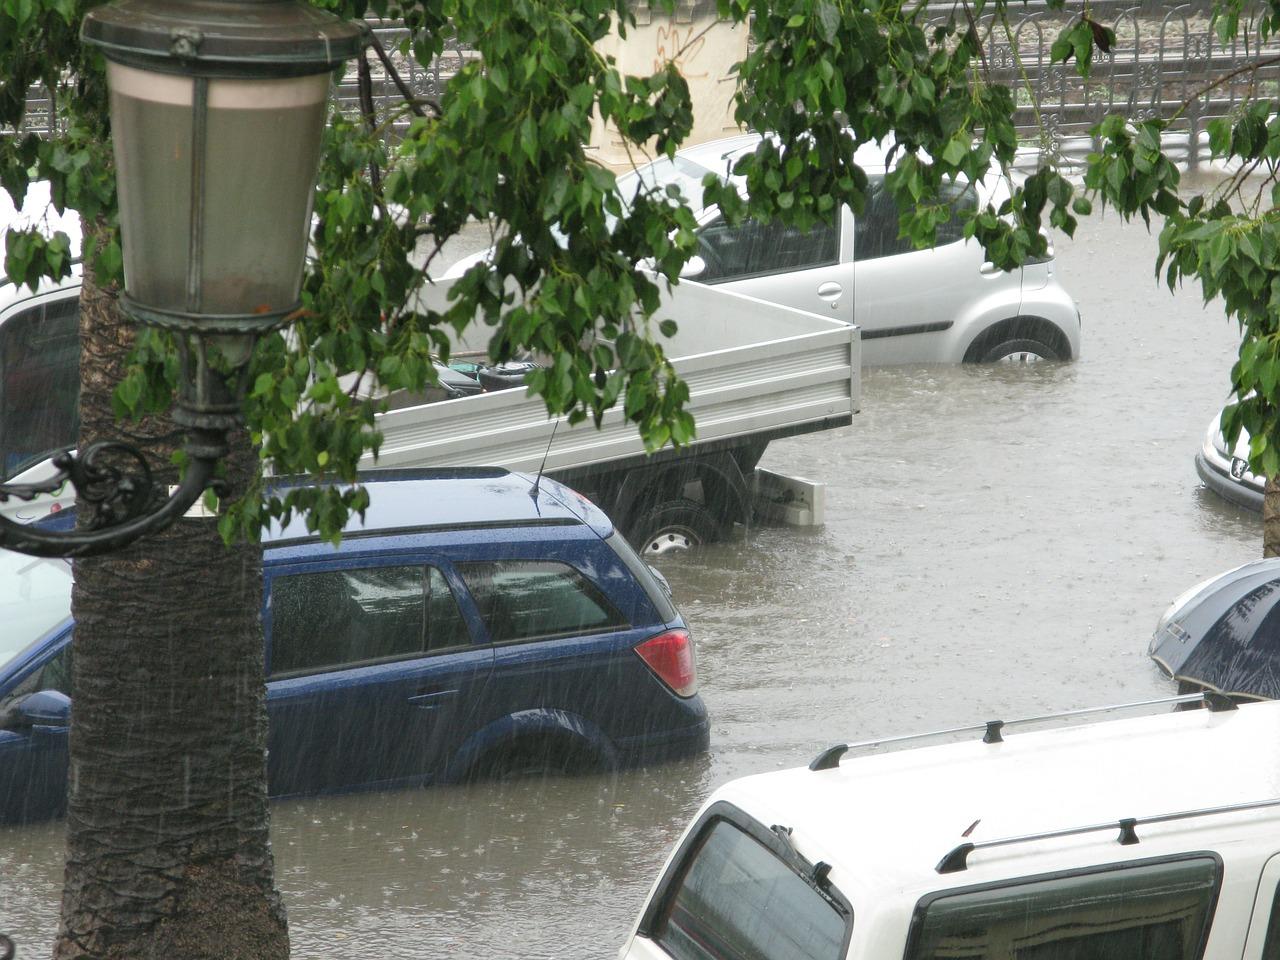 Hochwasser, Gewitter, Wasserschaden, Sturmschaden